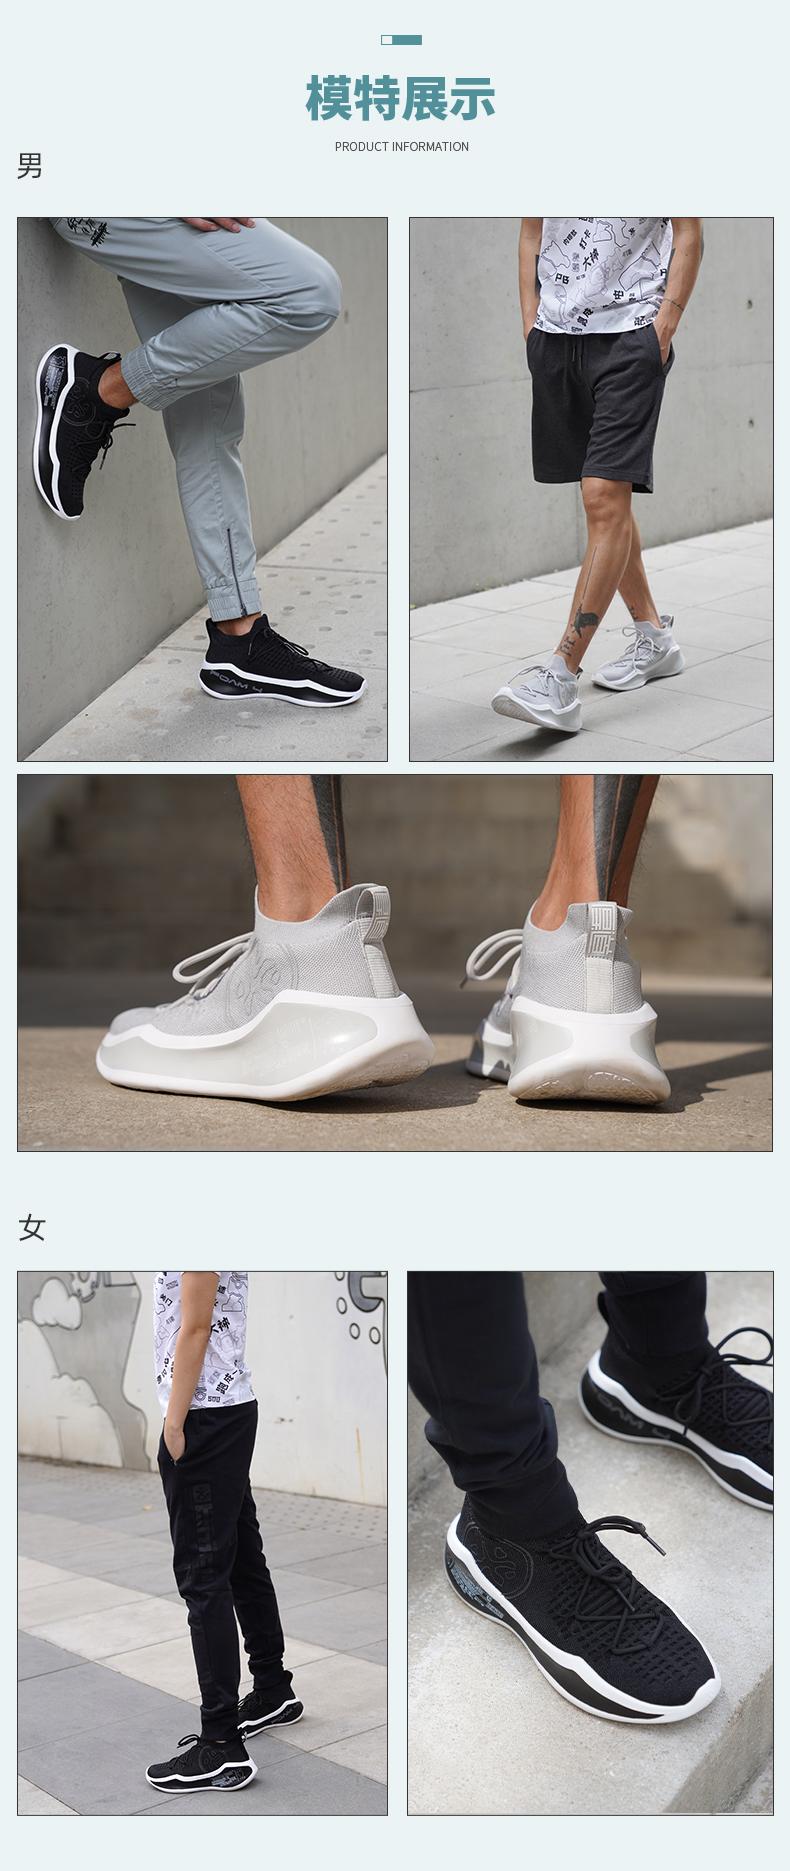 必迈 Pace日光 超软弹脚感 男女一体织缓震跑步鞋 运动鞋 图8